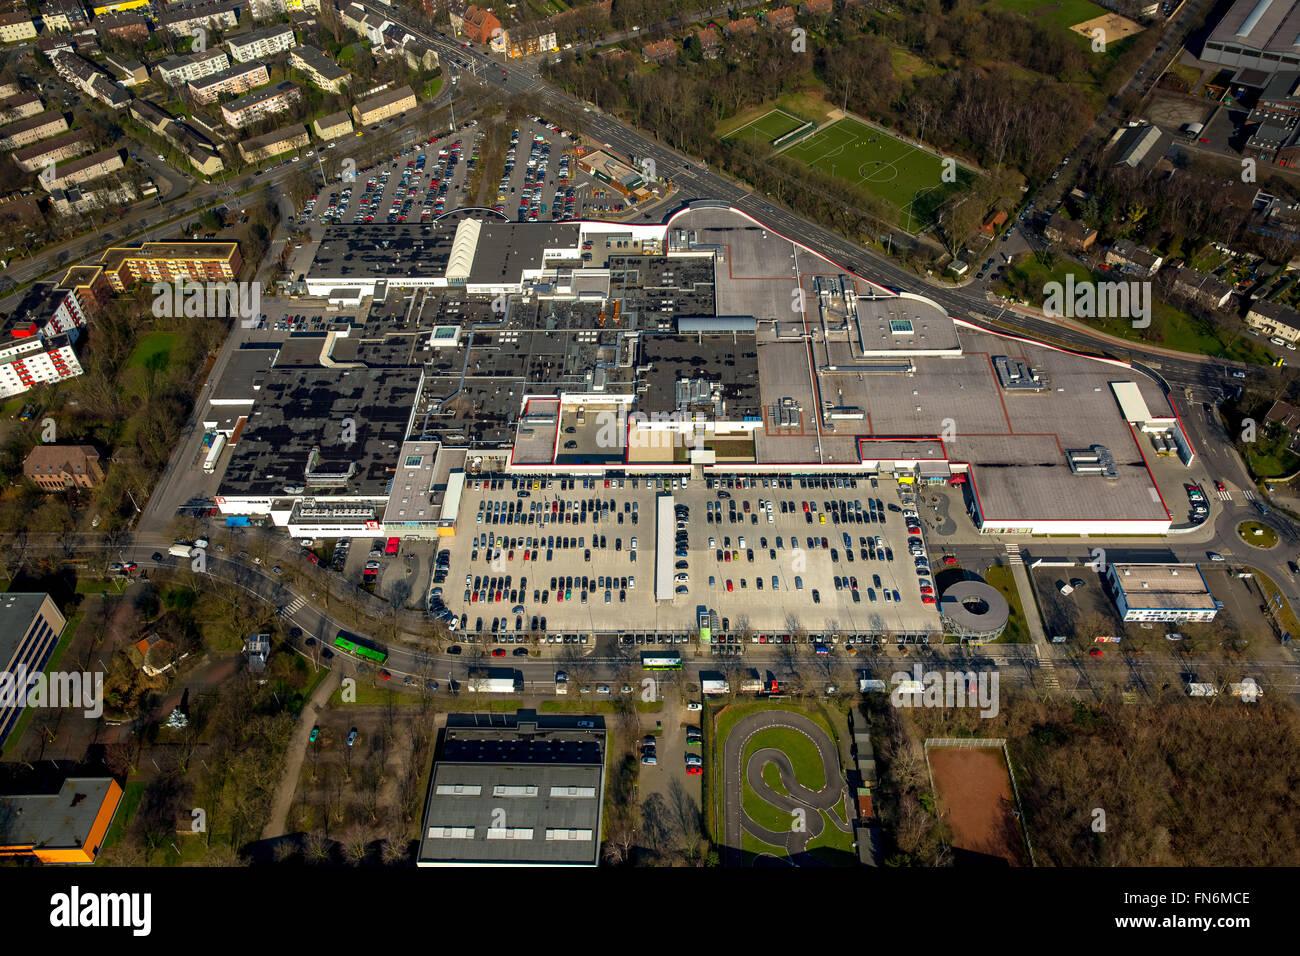 Bero Center Oberhausen öffnungszeiten : aerial view bero center shopping center oberhausen ~ Watch28wear.com Haus und Dekorationen